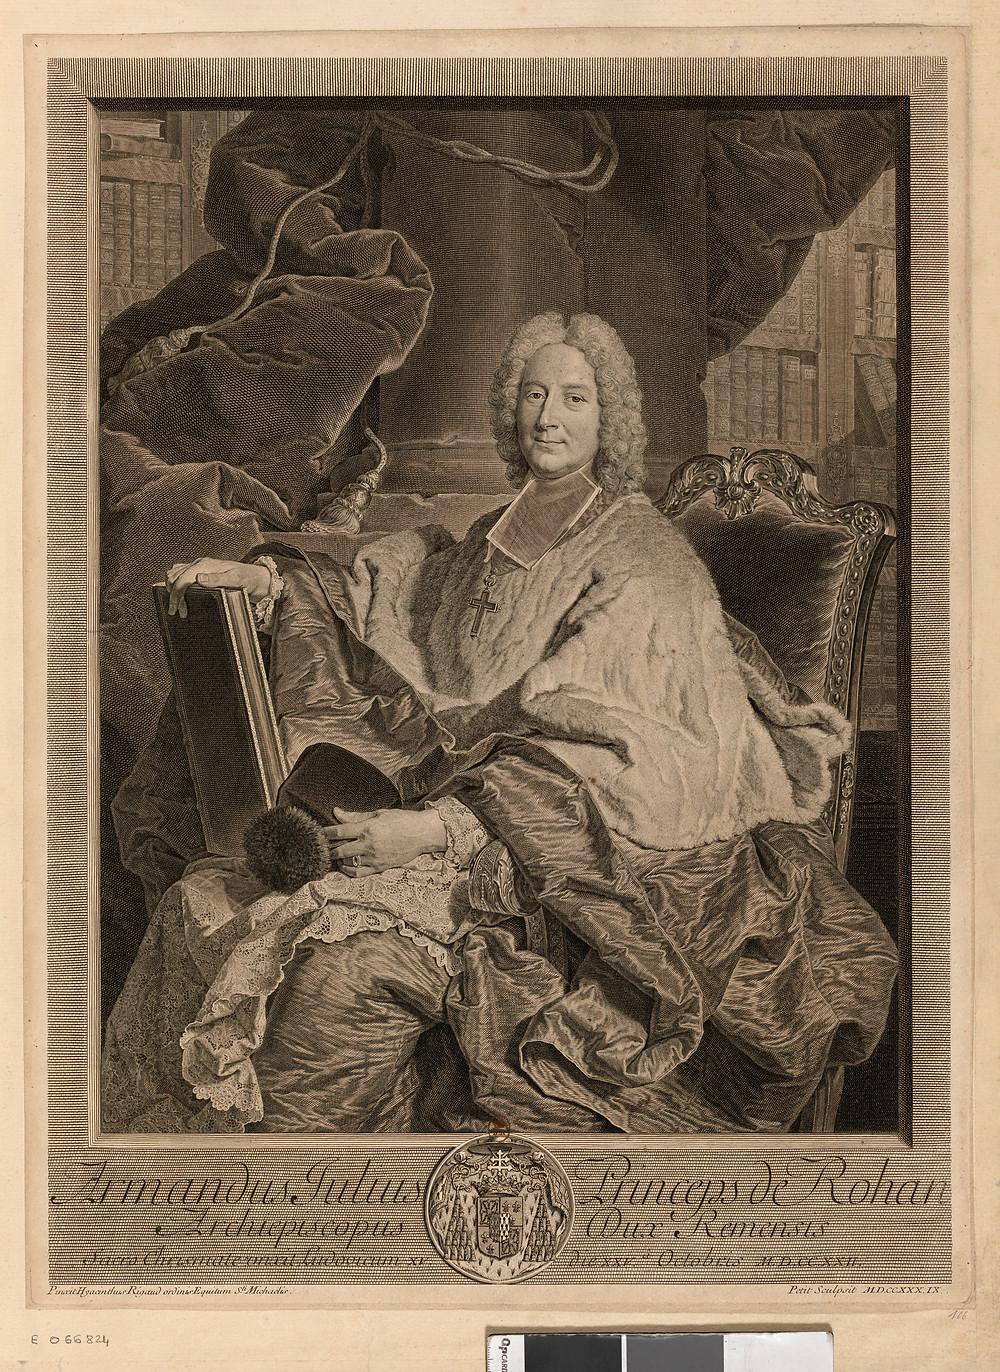 Gilles Edme Petit d'après Hyacinthe Rigaud, Portrait d'Armand Jules de Rohan Guéméné, archevêque de Reims, 1739, Paris, BnF, département des Estampes et de la photographie, Da. 62 fol. 96